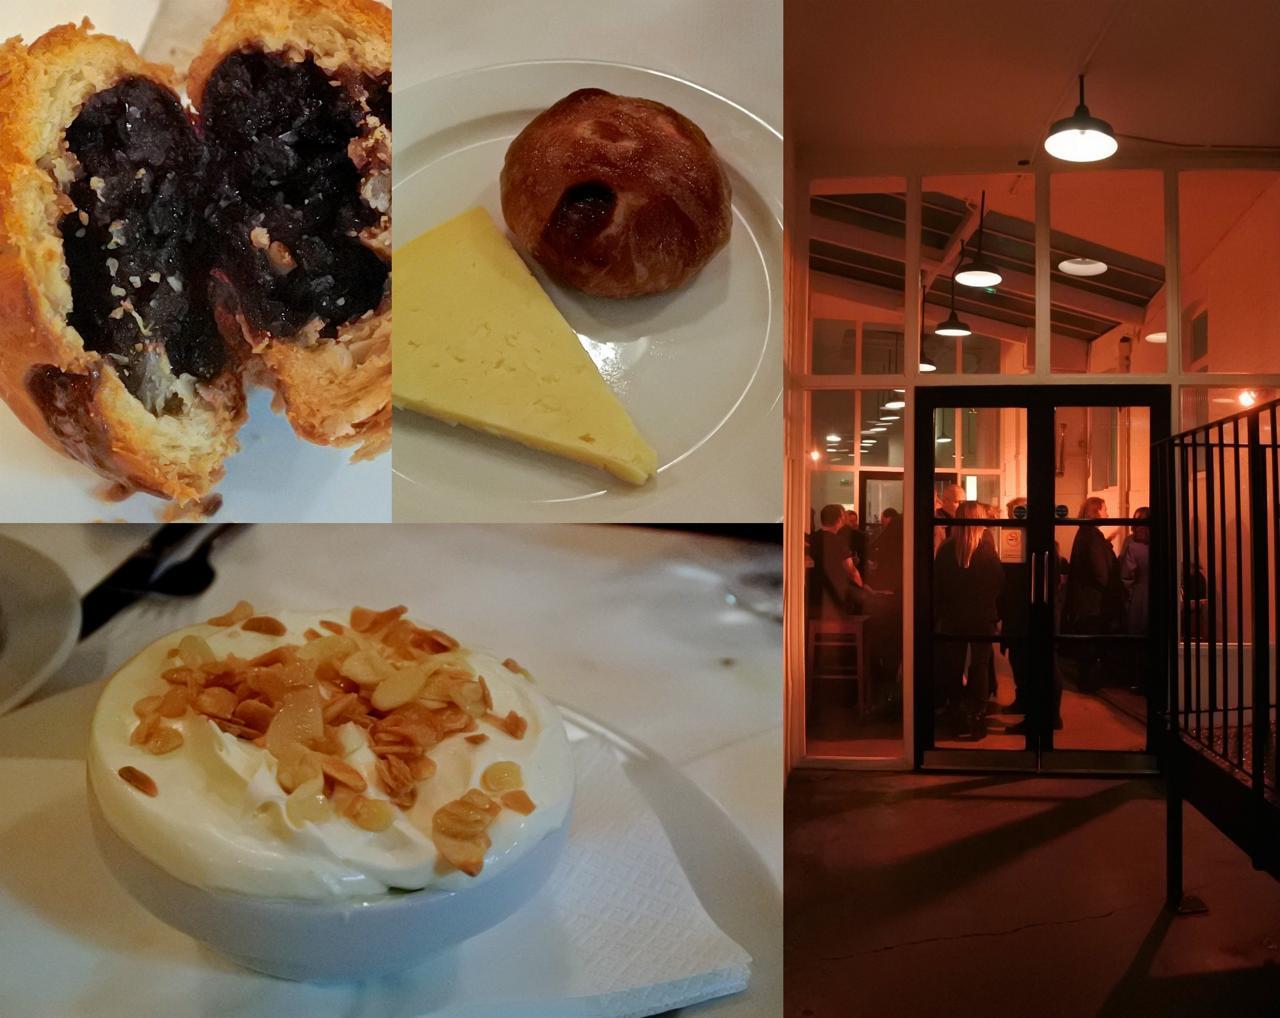 上がカレント餡のペイストリー「エクルス・ケーキ」にランカシャー・チーズを添えたデザート。大好き♡ 下のトライフルも美味しかったです☆